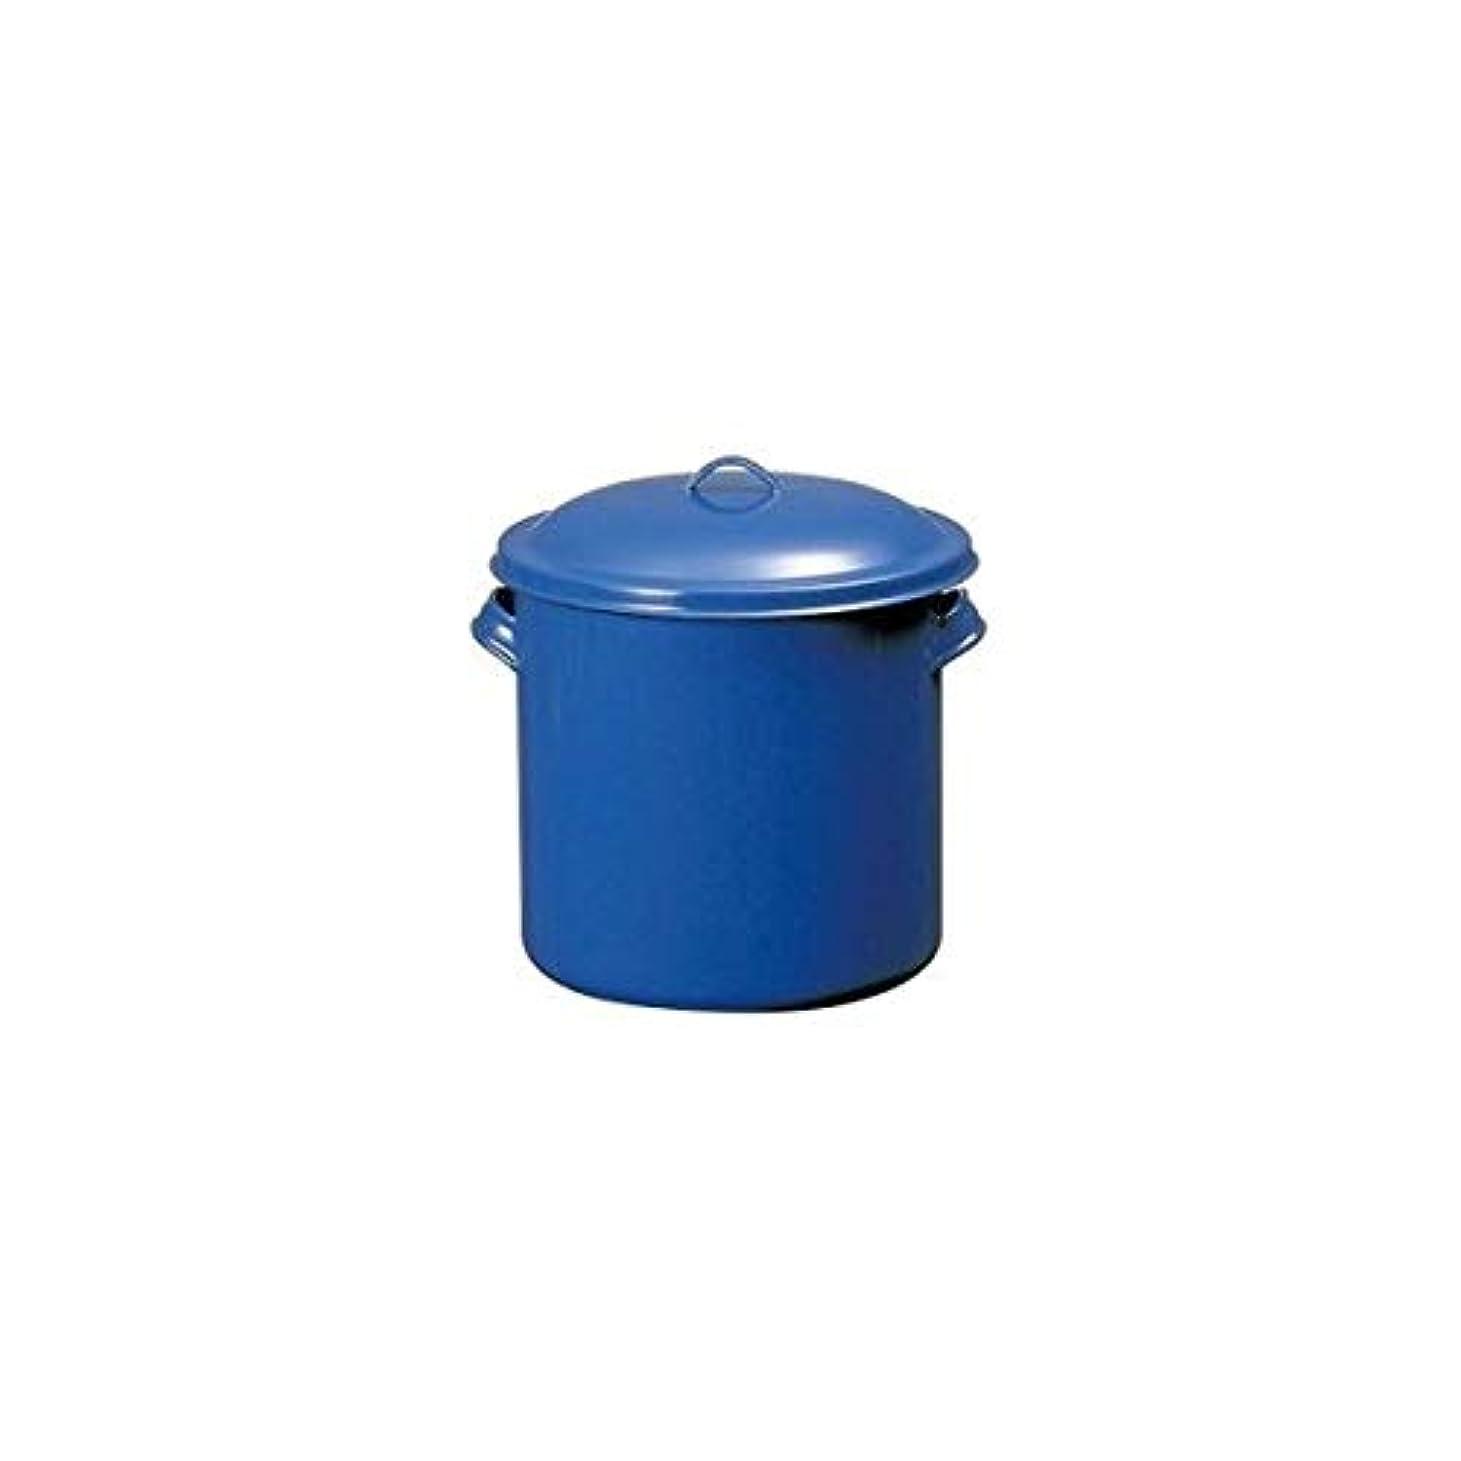 割るうめきことわざTOP印ホーローキッチンポット(手付) 14cm AKT16014